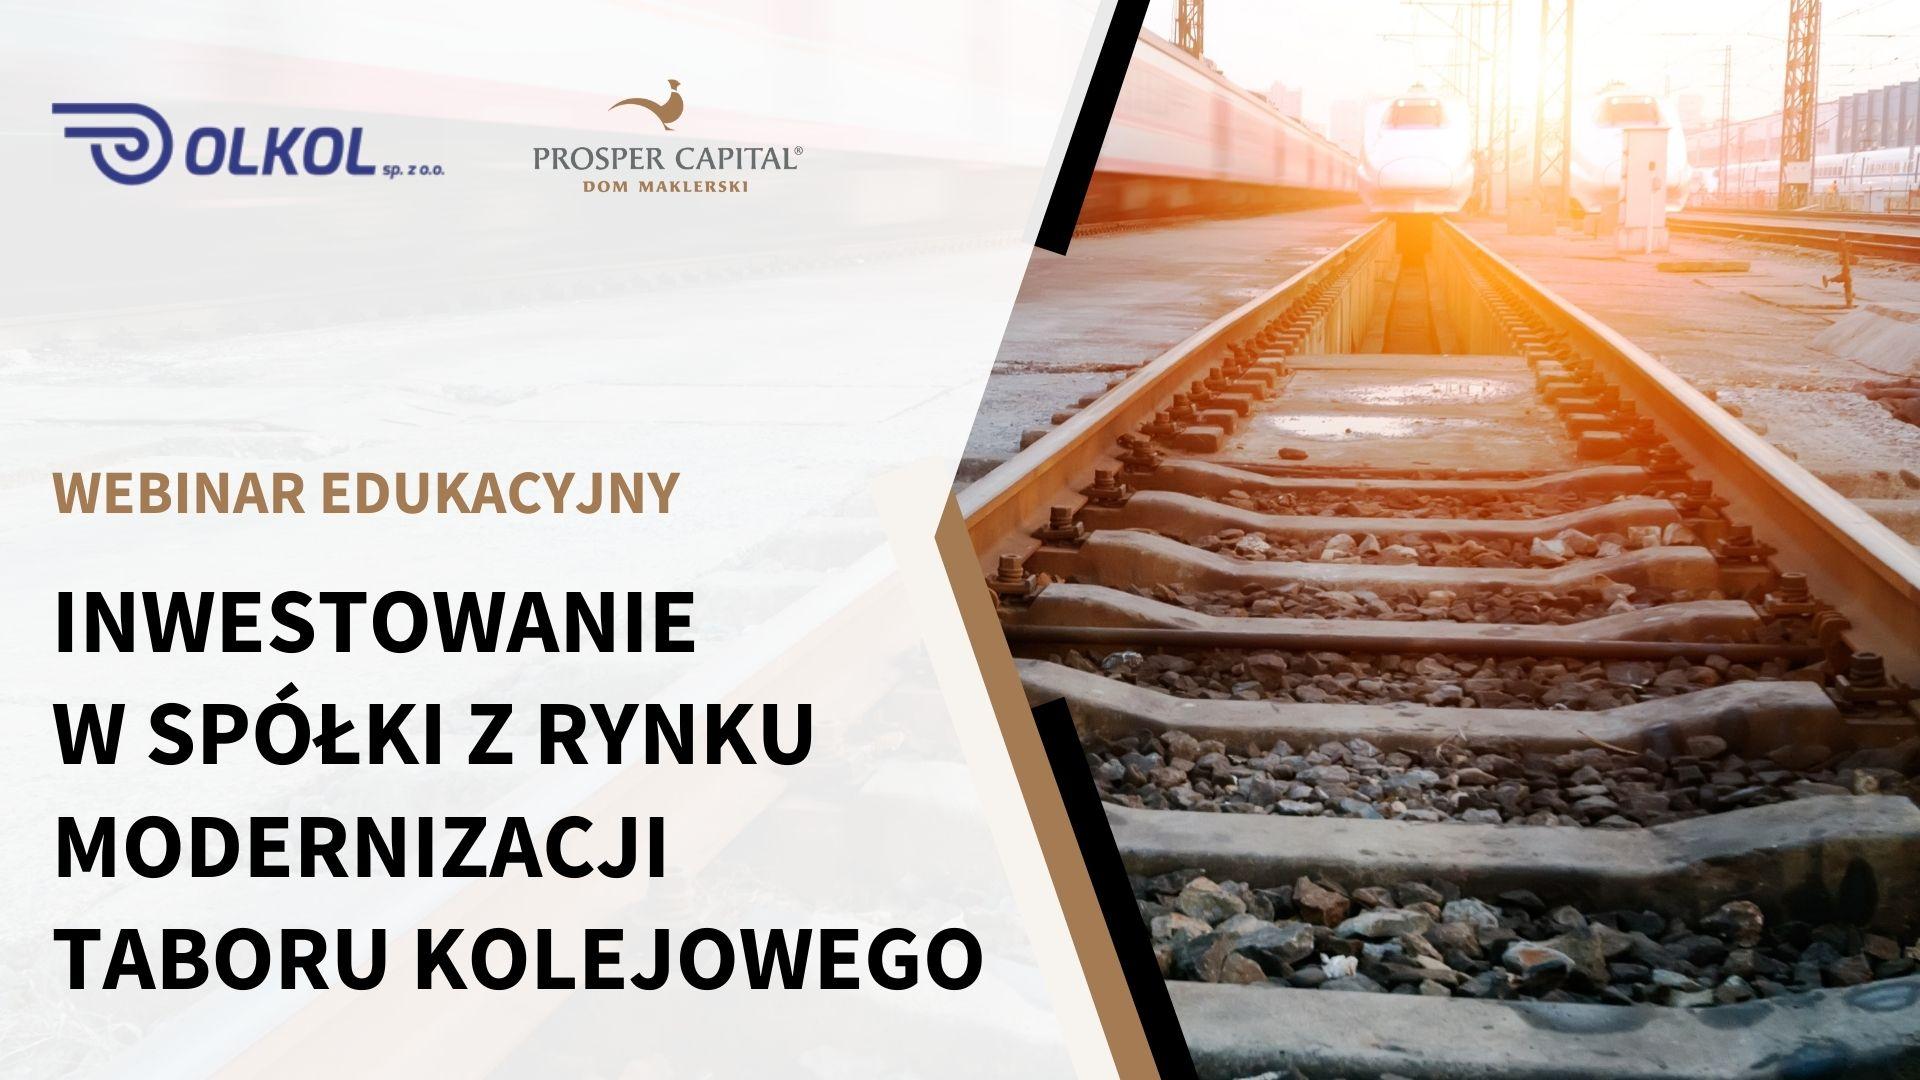 Inwestowanie w spółki z rynku modernizacji taboru kolejowego – nagranie z webinaru edukacyjnego